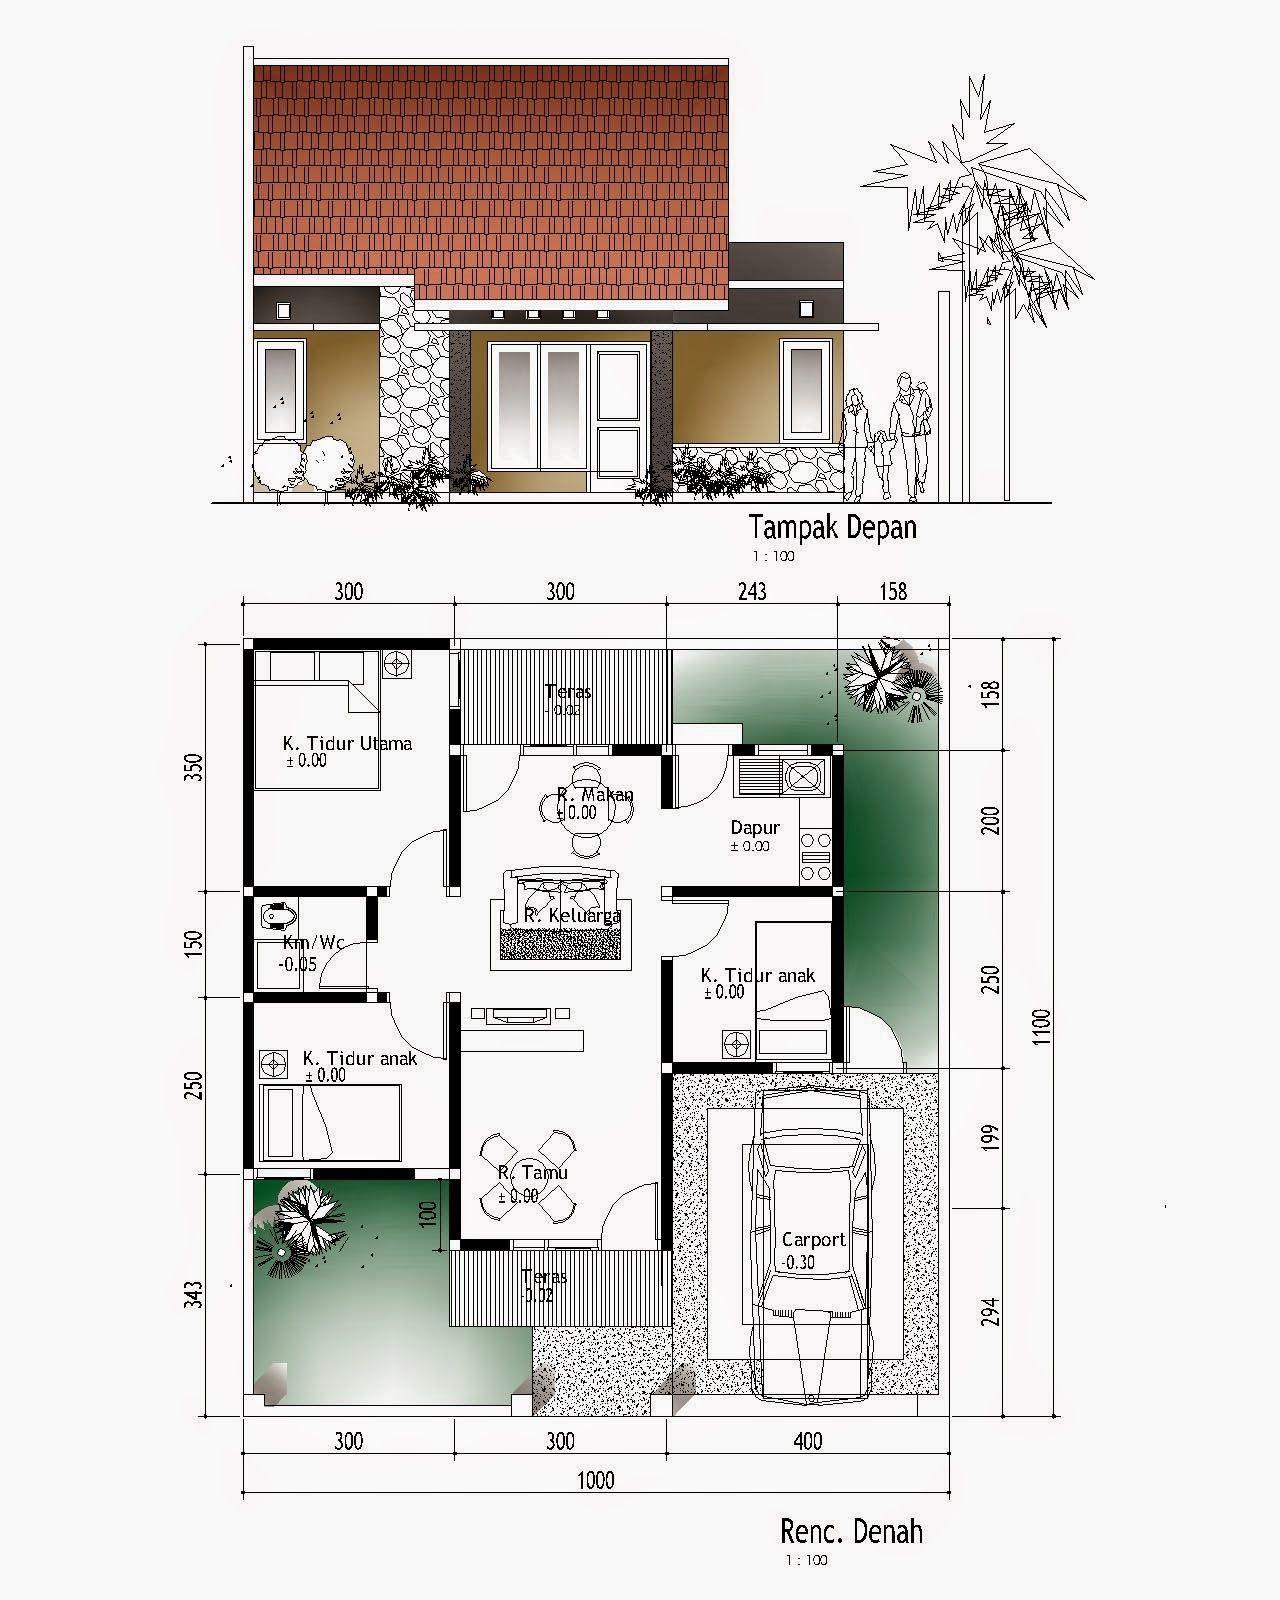 Denah Rumah Minimalis 3 Kamar Tidur Property 45m2 Type Rumah